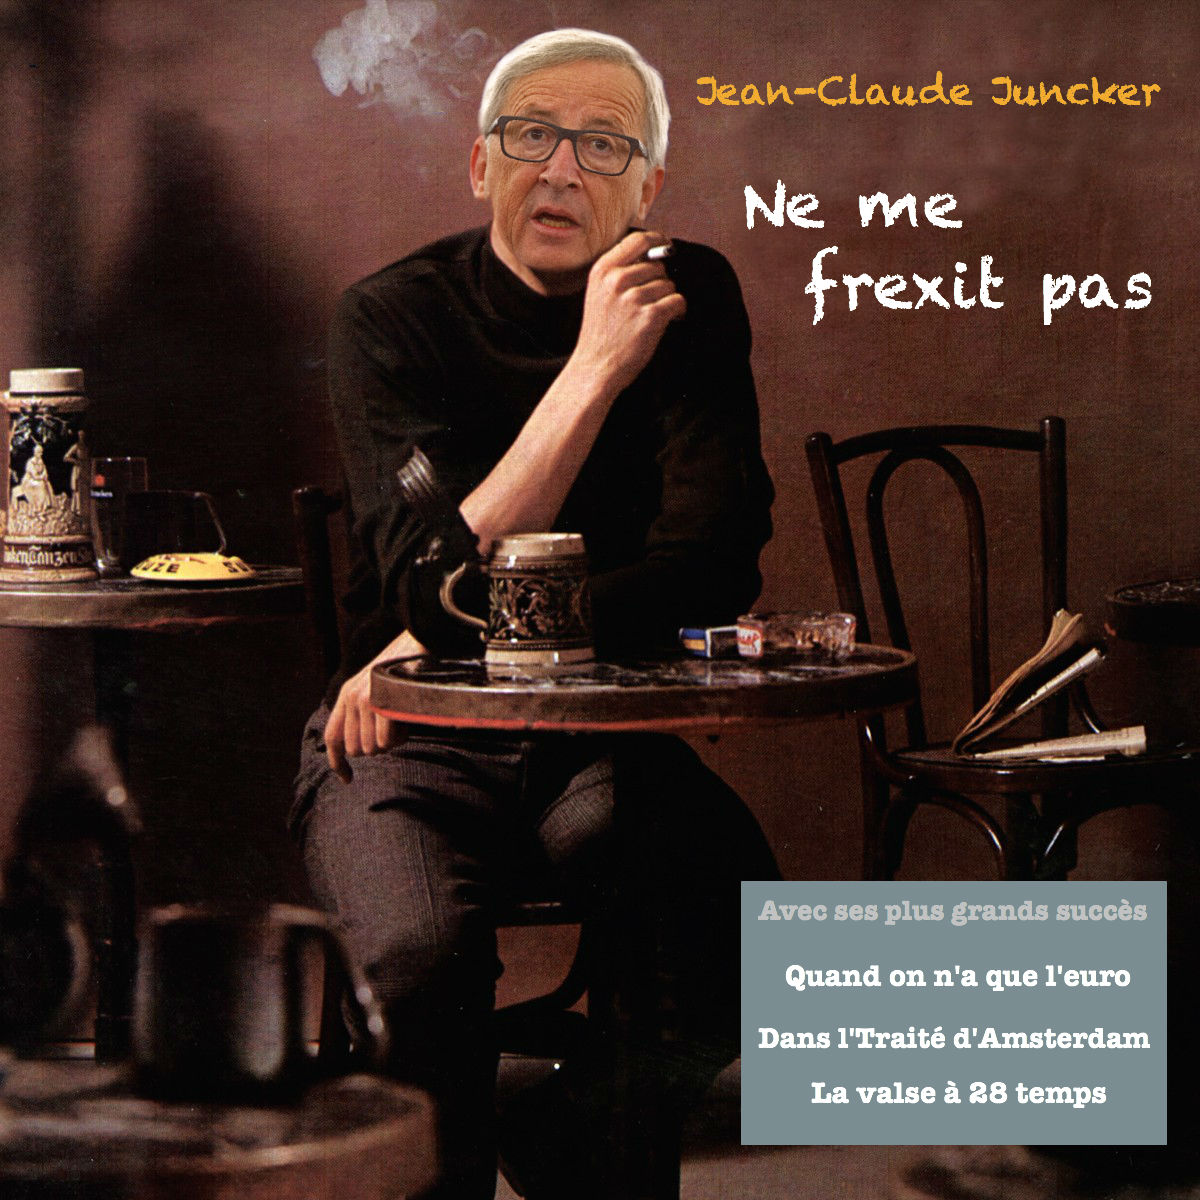 Humour+Juncker